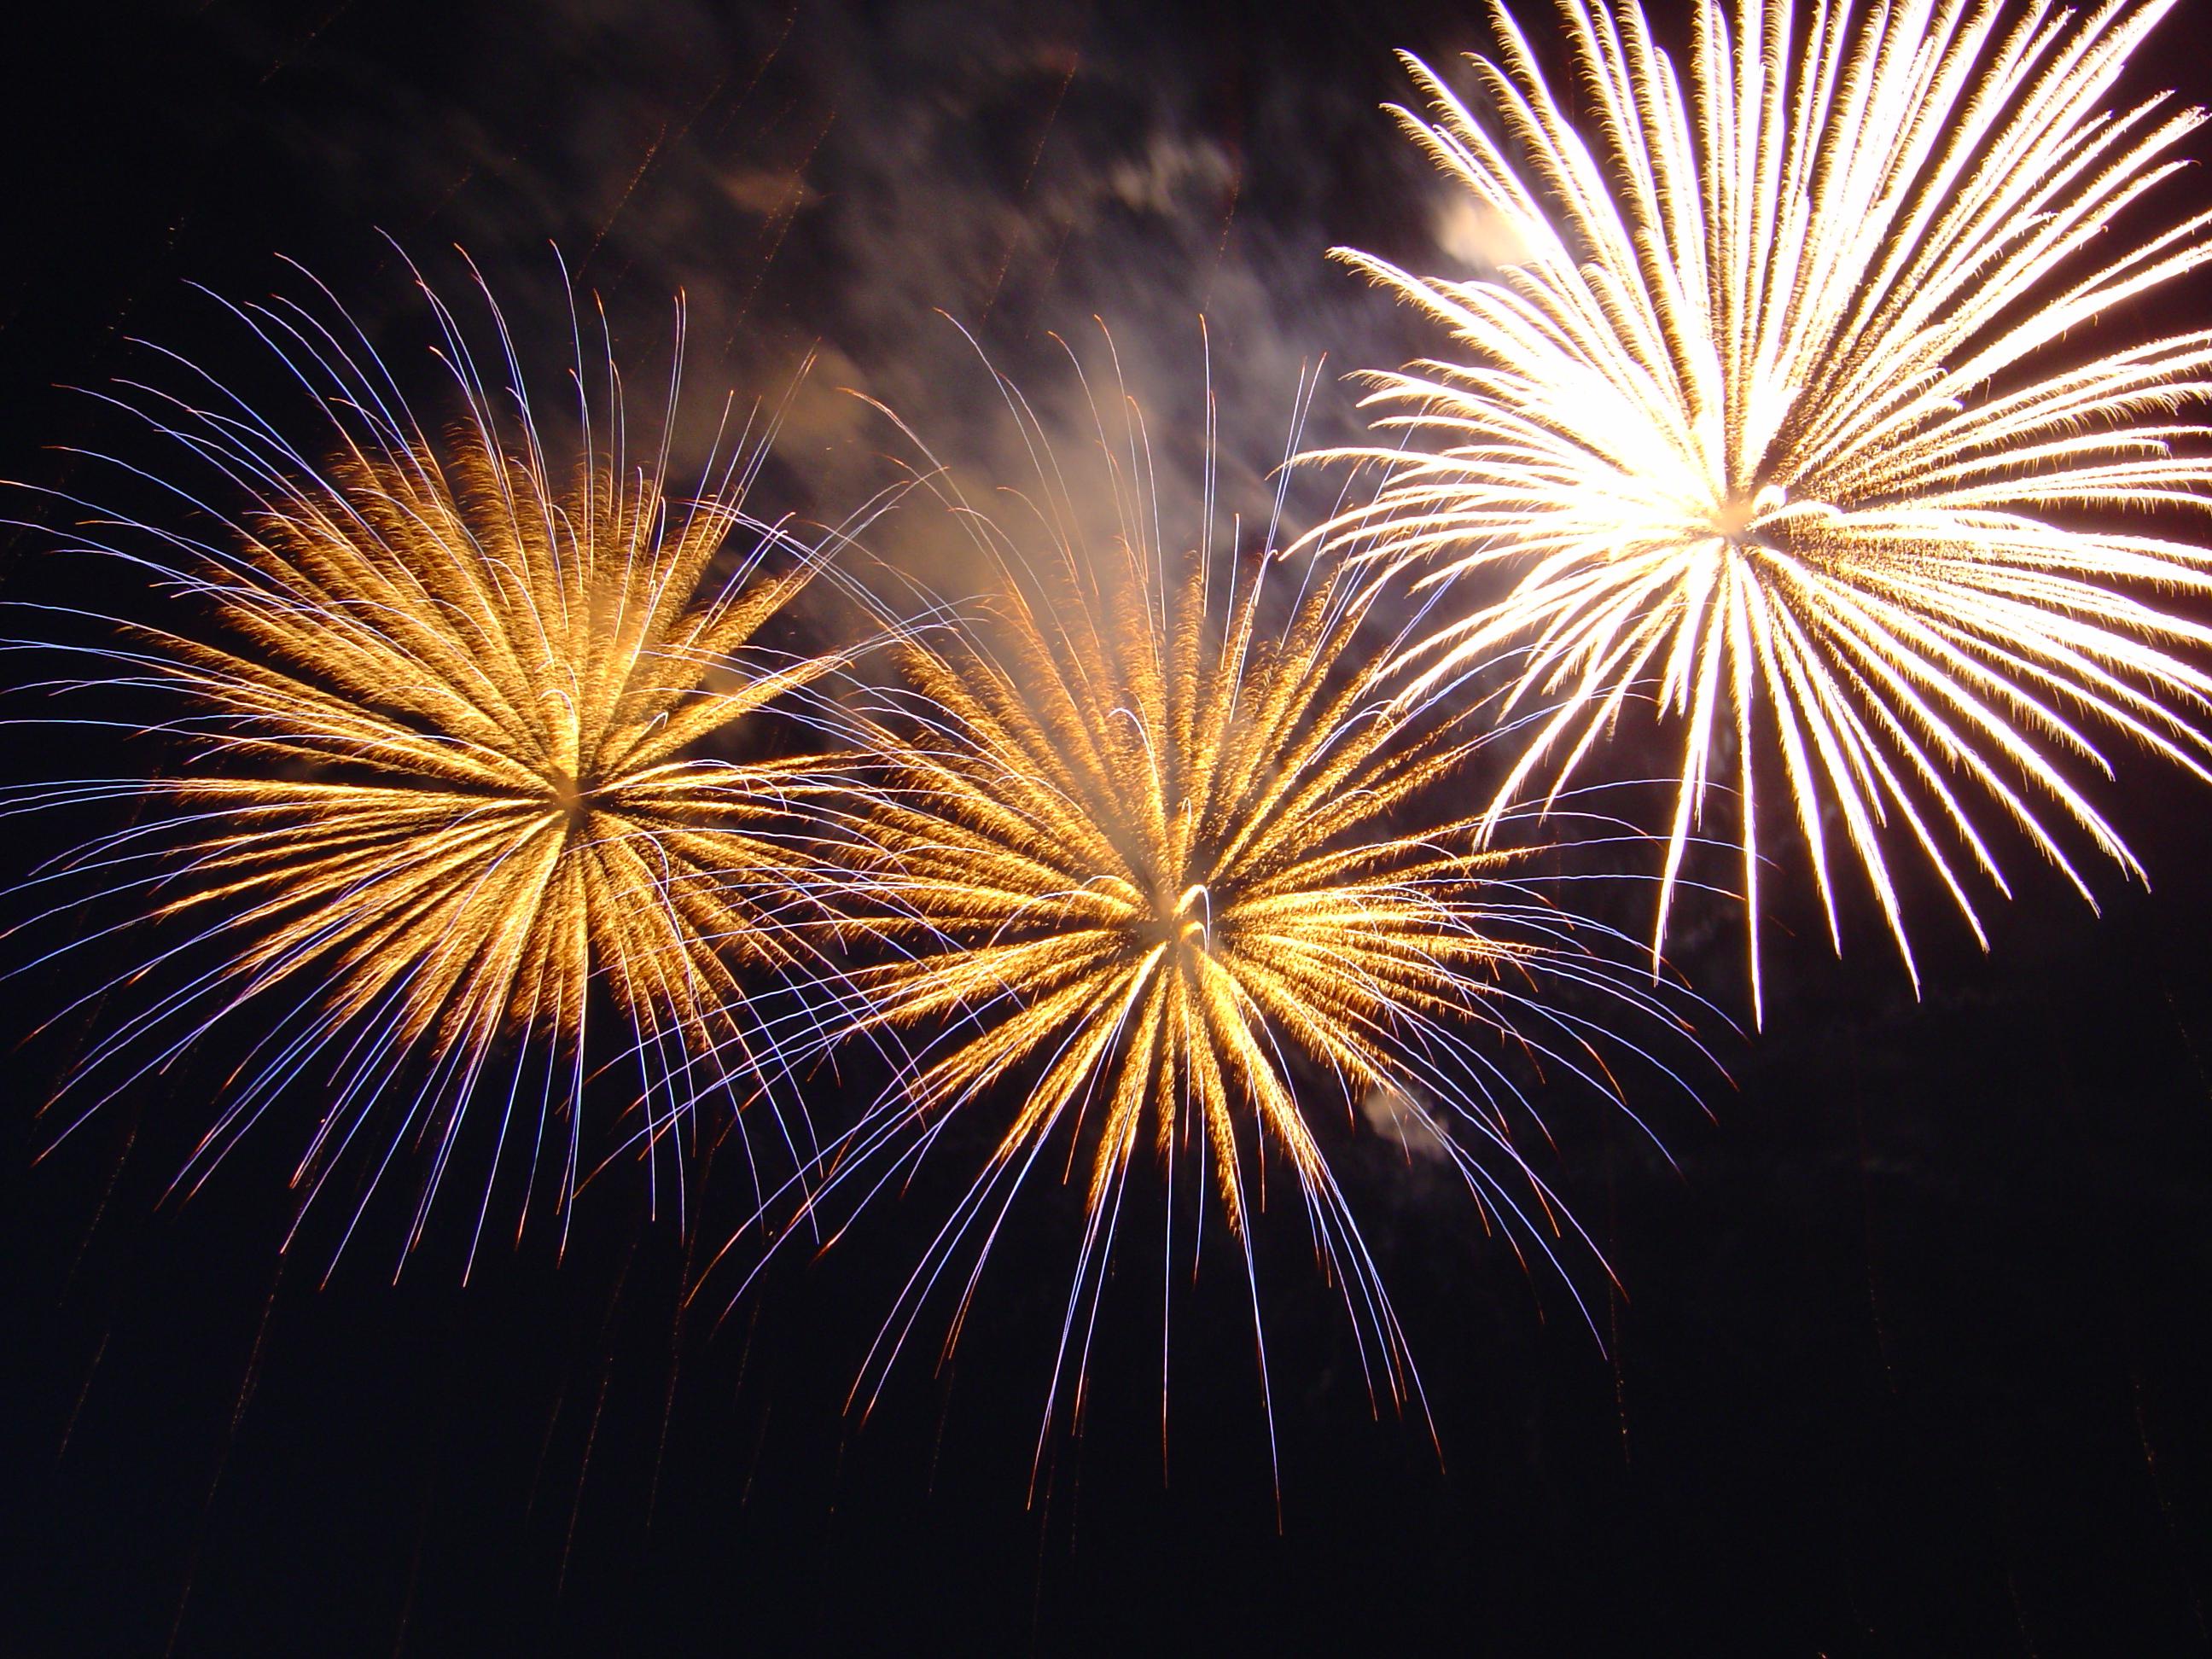 Fireworks vs. Firearms